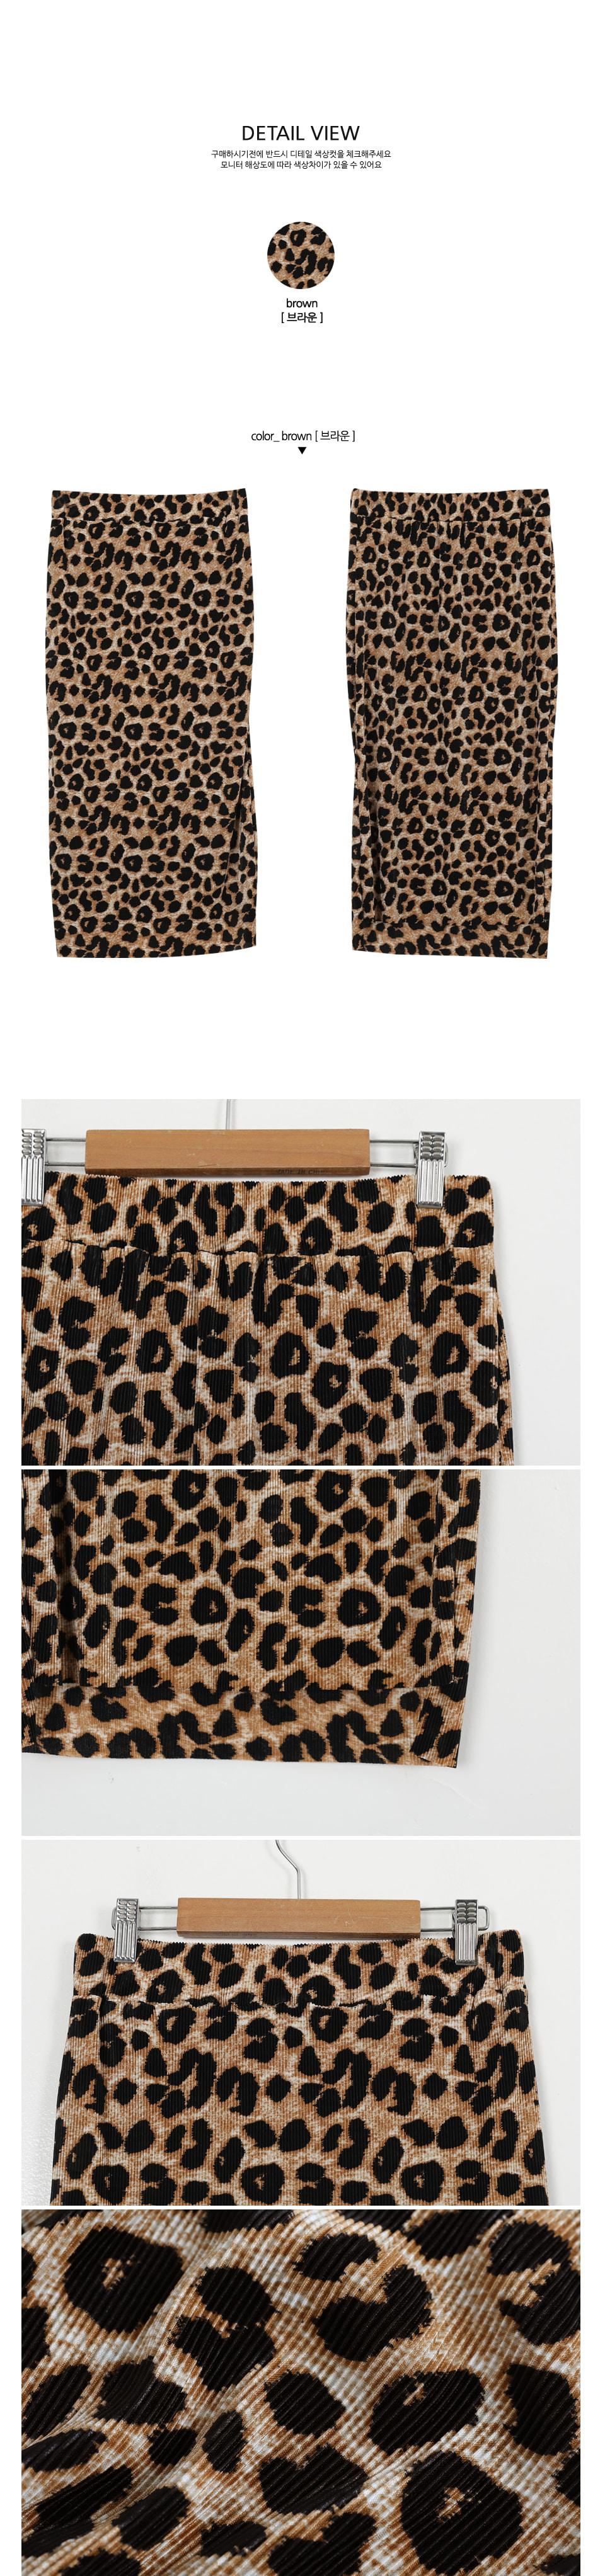 Leopard Skirting Long Skirt